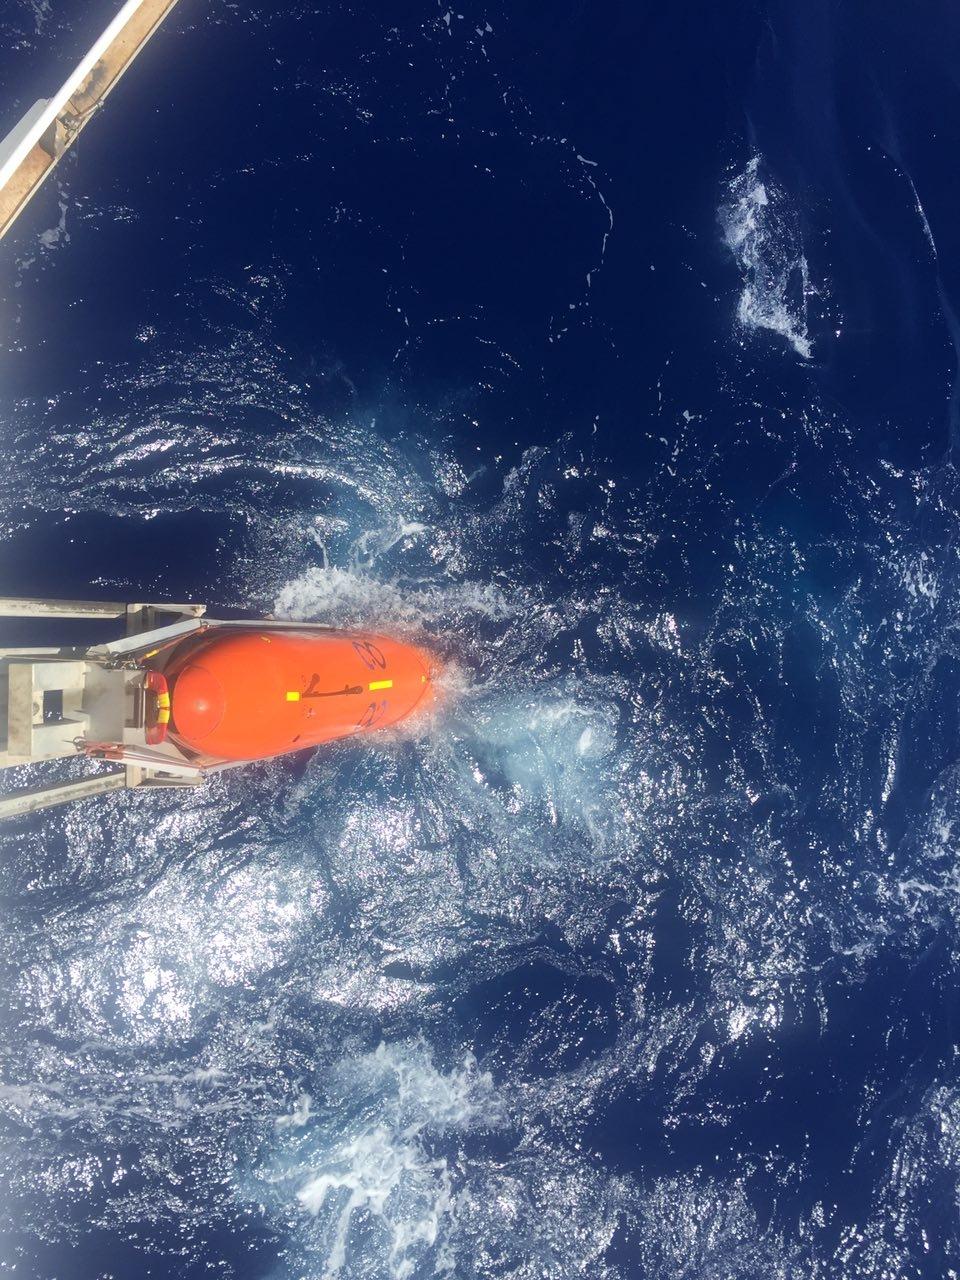 시베드 컨스트럭터호에서 무인잠수정을 바다 속에 넣고 있다.